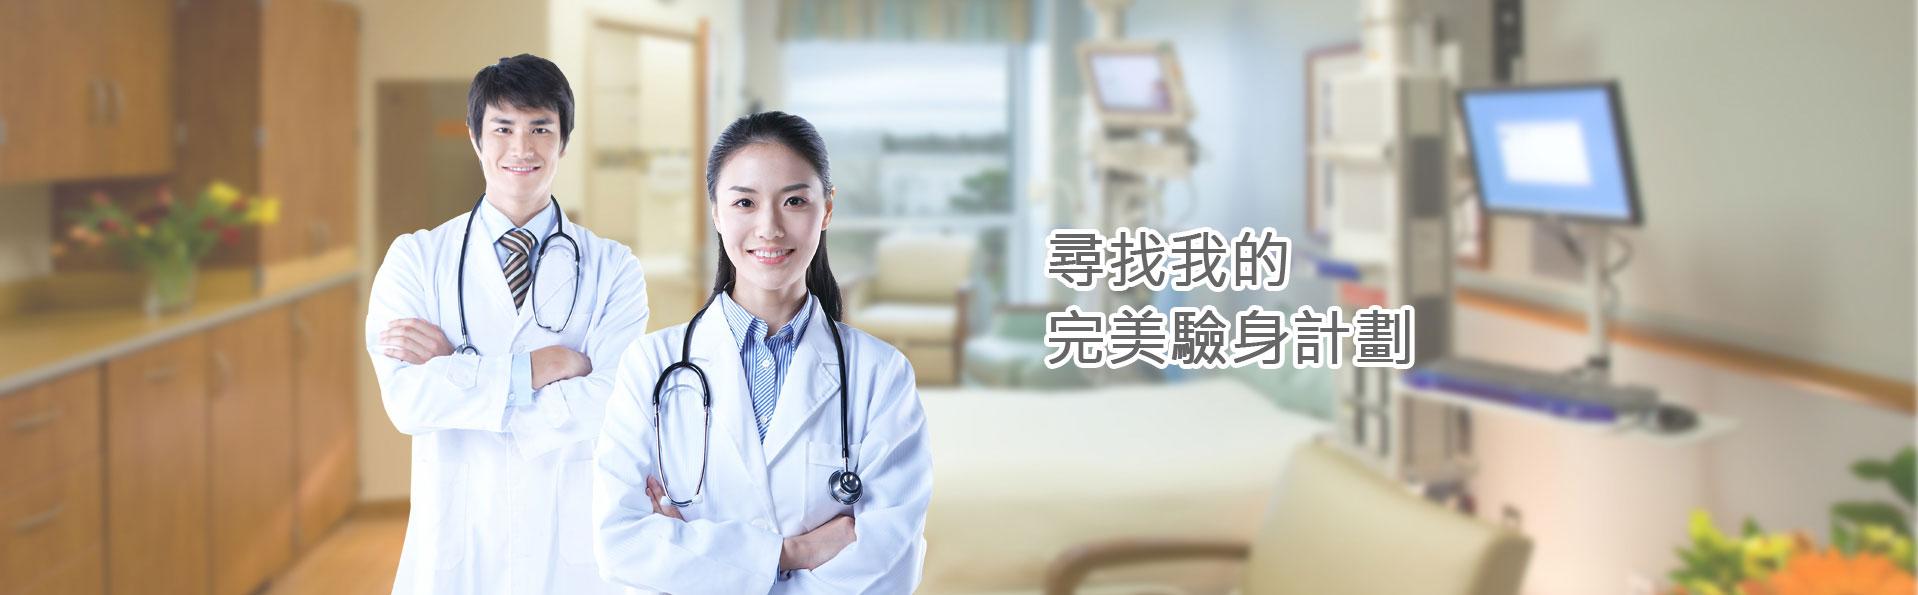 寻找我的验身计划-香港一站式医务中心|香港时代医疗集团